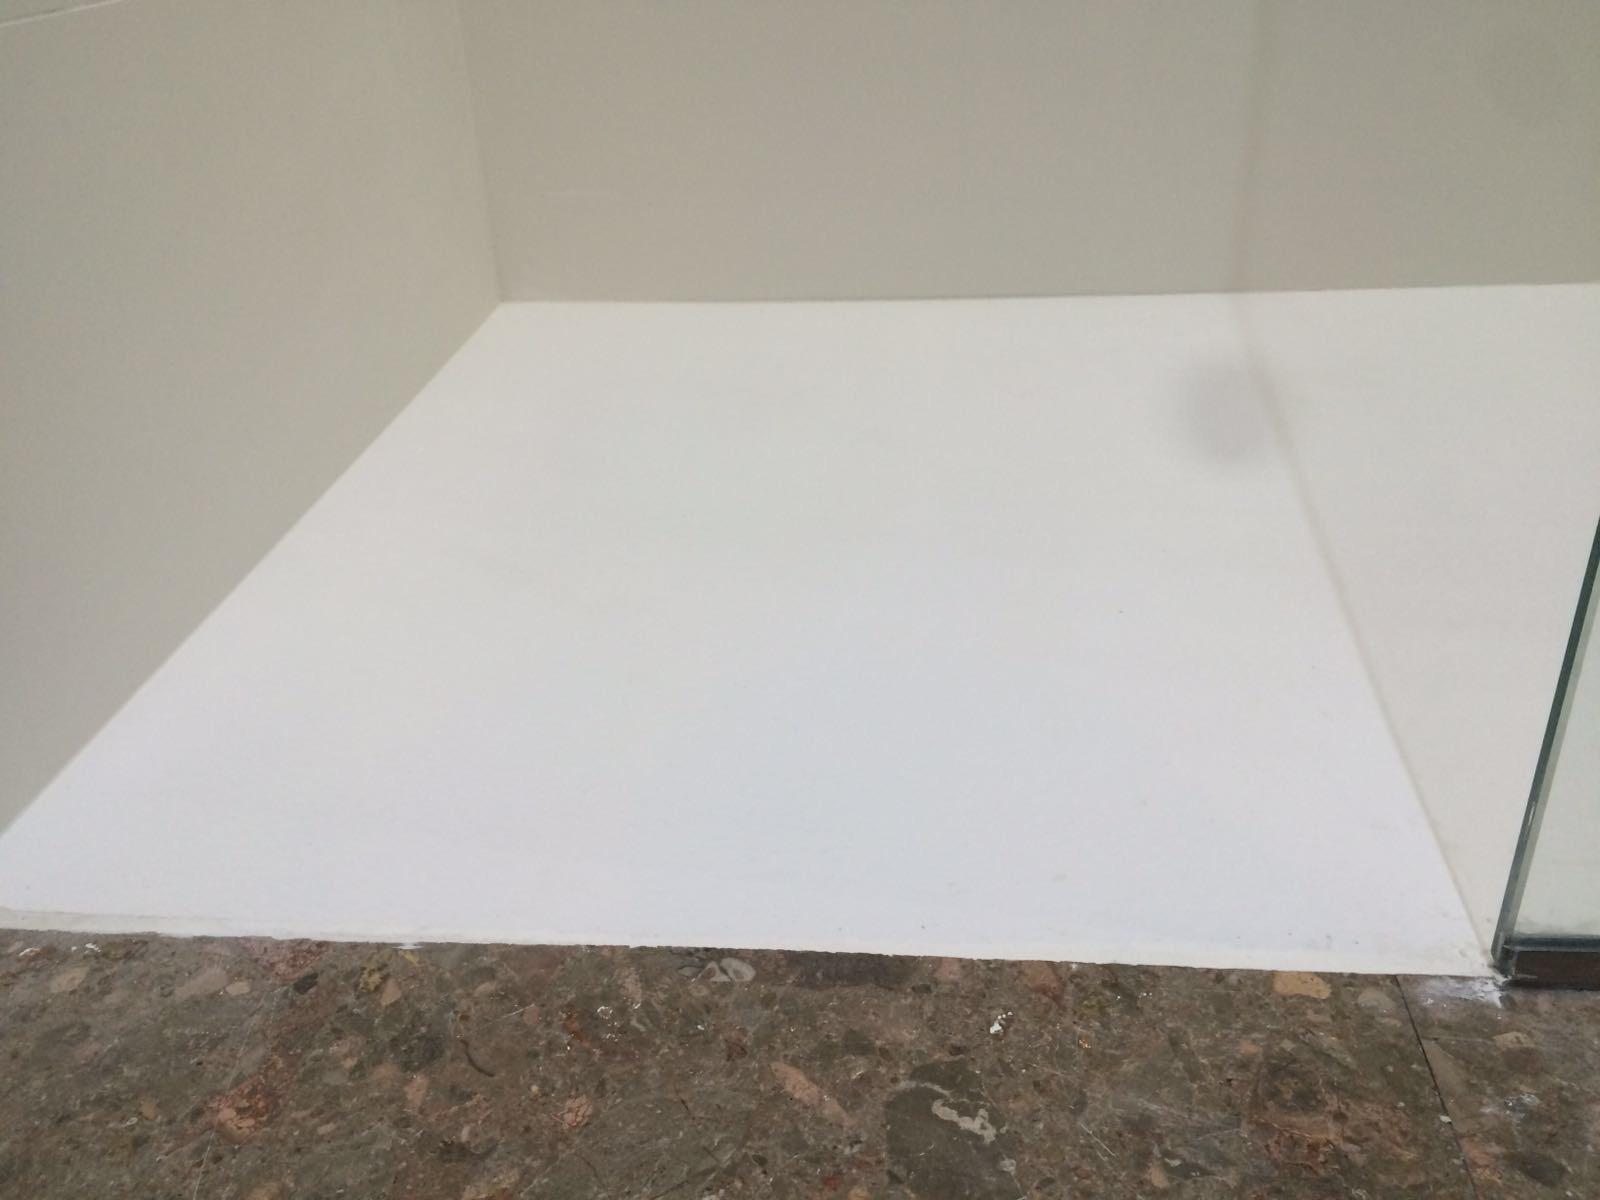 Como instalar un plato de ducha de resina 10decoracion - Como instalar un plato de ducha ...